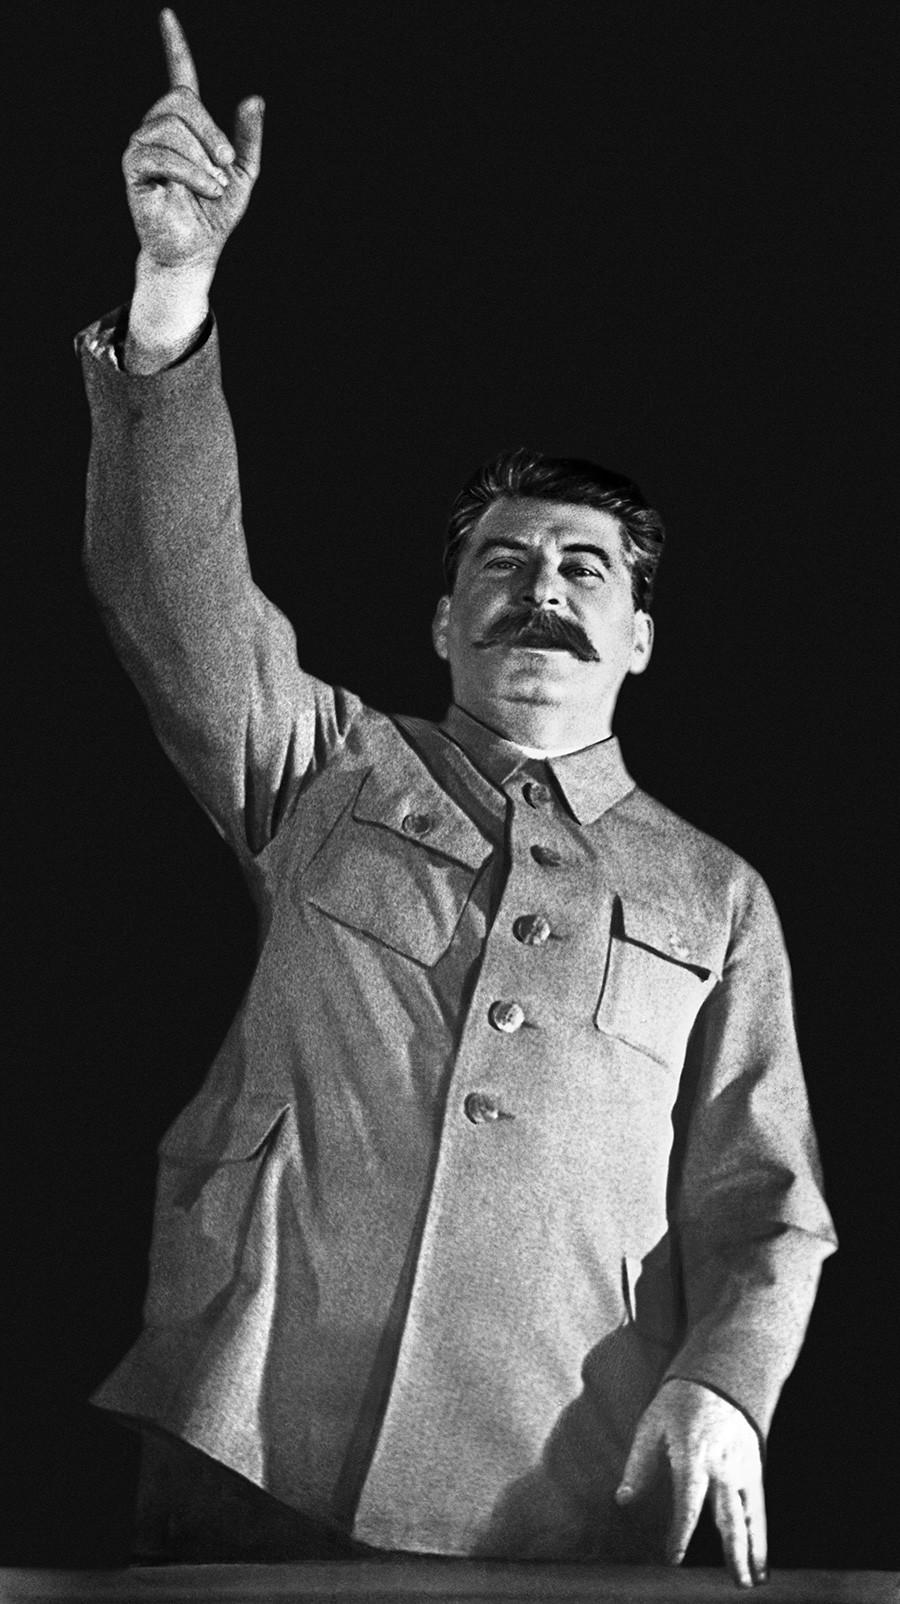 Јосиф Стаљин (Џугашвили), генерални секретар Централног комитета Сверуске комунистичке партије (бољшевика) од 1922, председник совјетске владе (председник Савета народних комесара од 1941, председник Савета министара СССР-а од 1946), генералисимус Совјетског Савеза (1945).